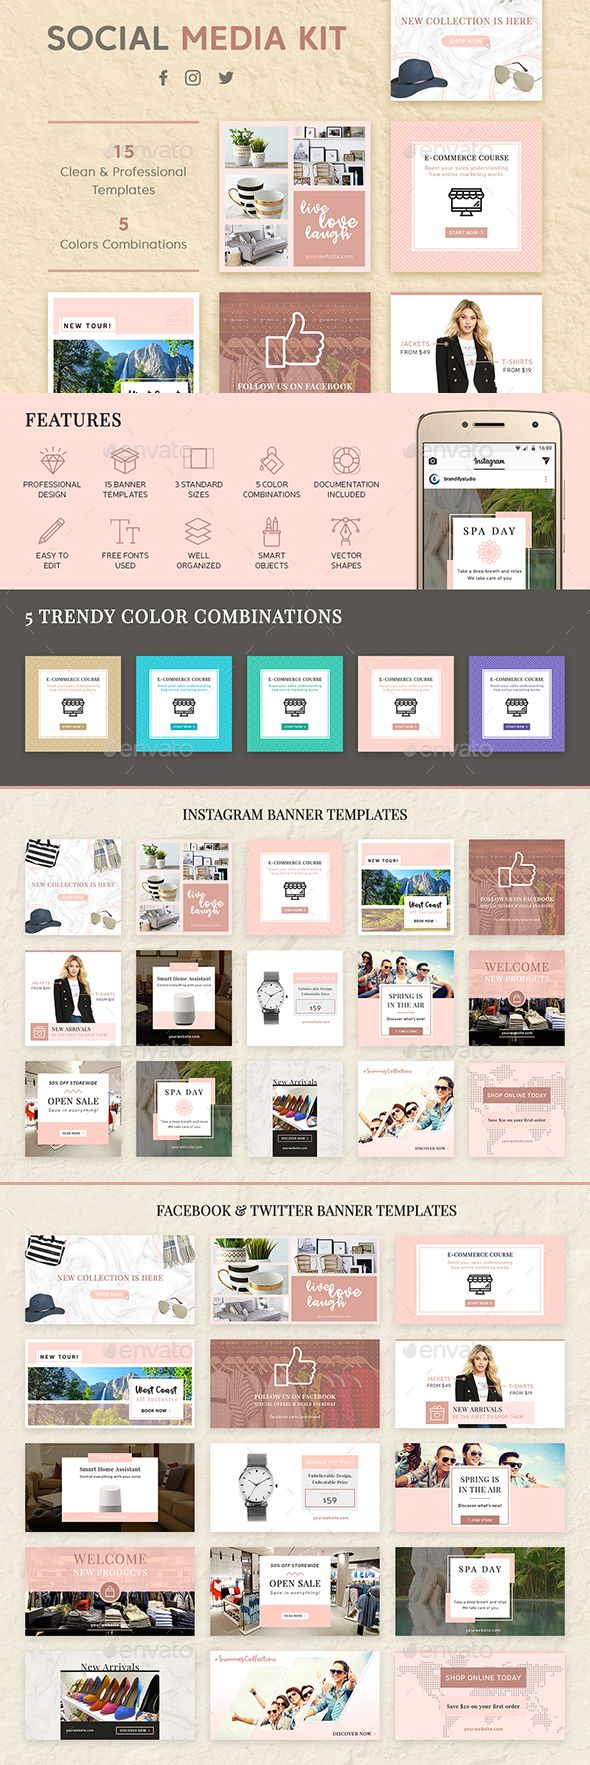 Social Media Kit | Twitter banner, Media kit and Photoshop